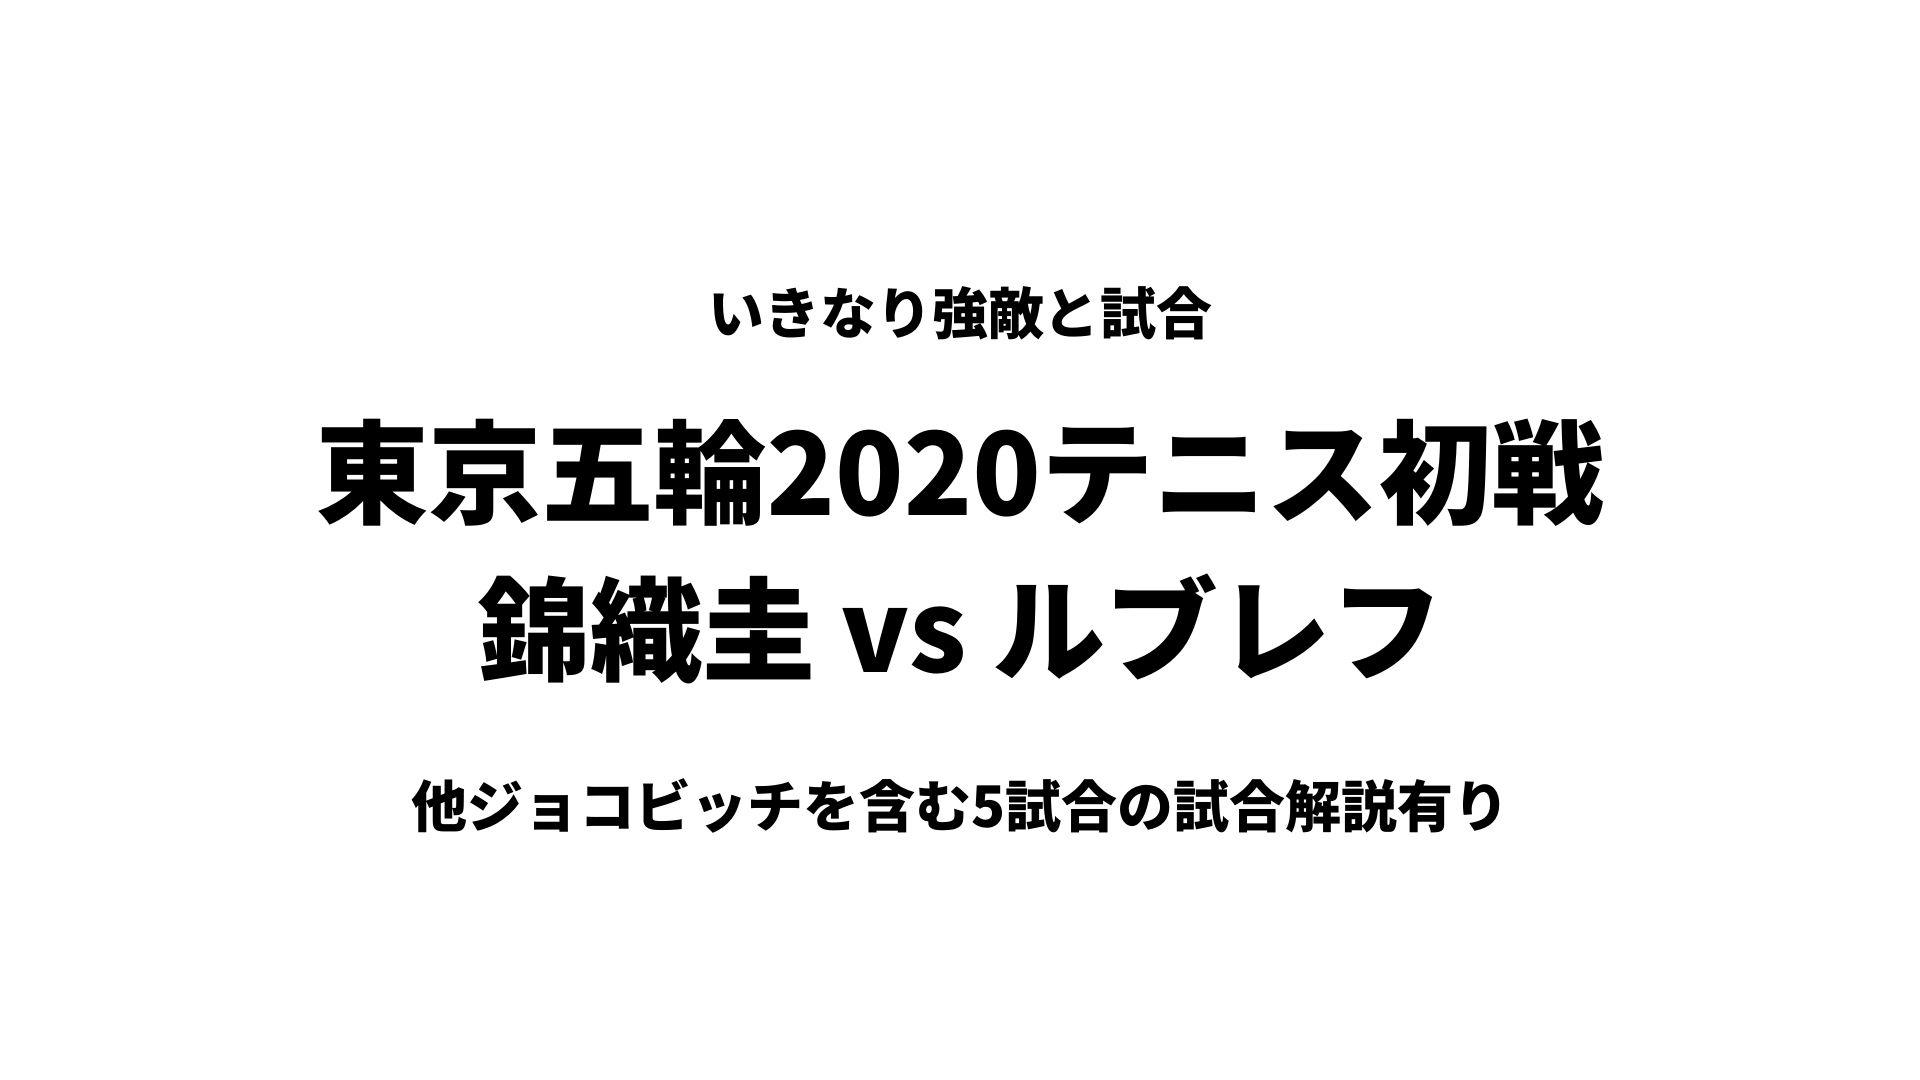 東京五輪2020テニス初戦ブックメーカーオッズ